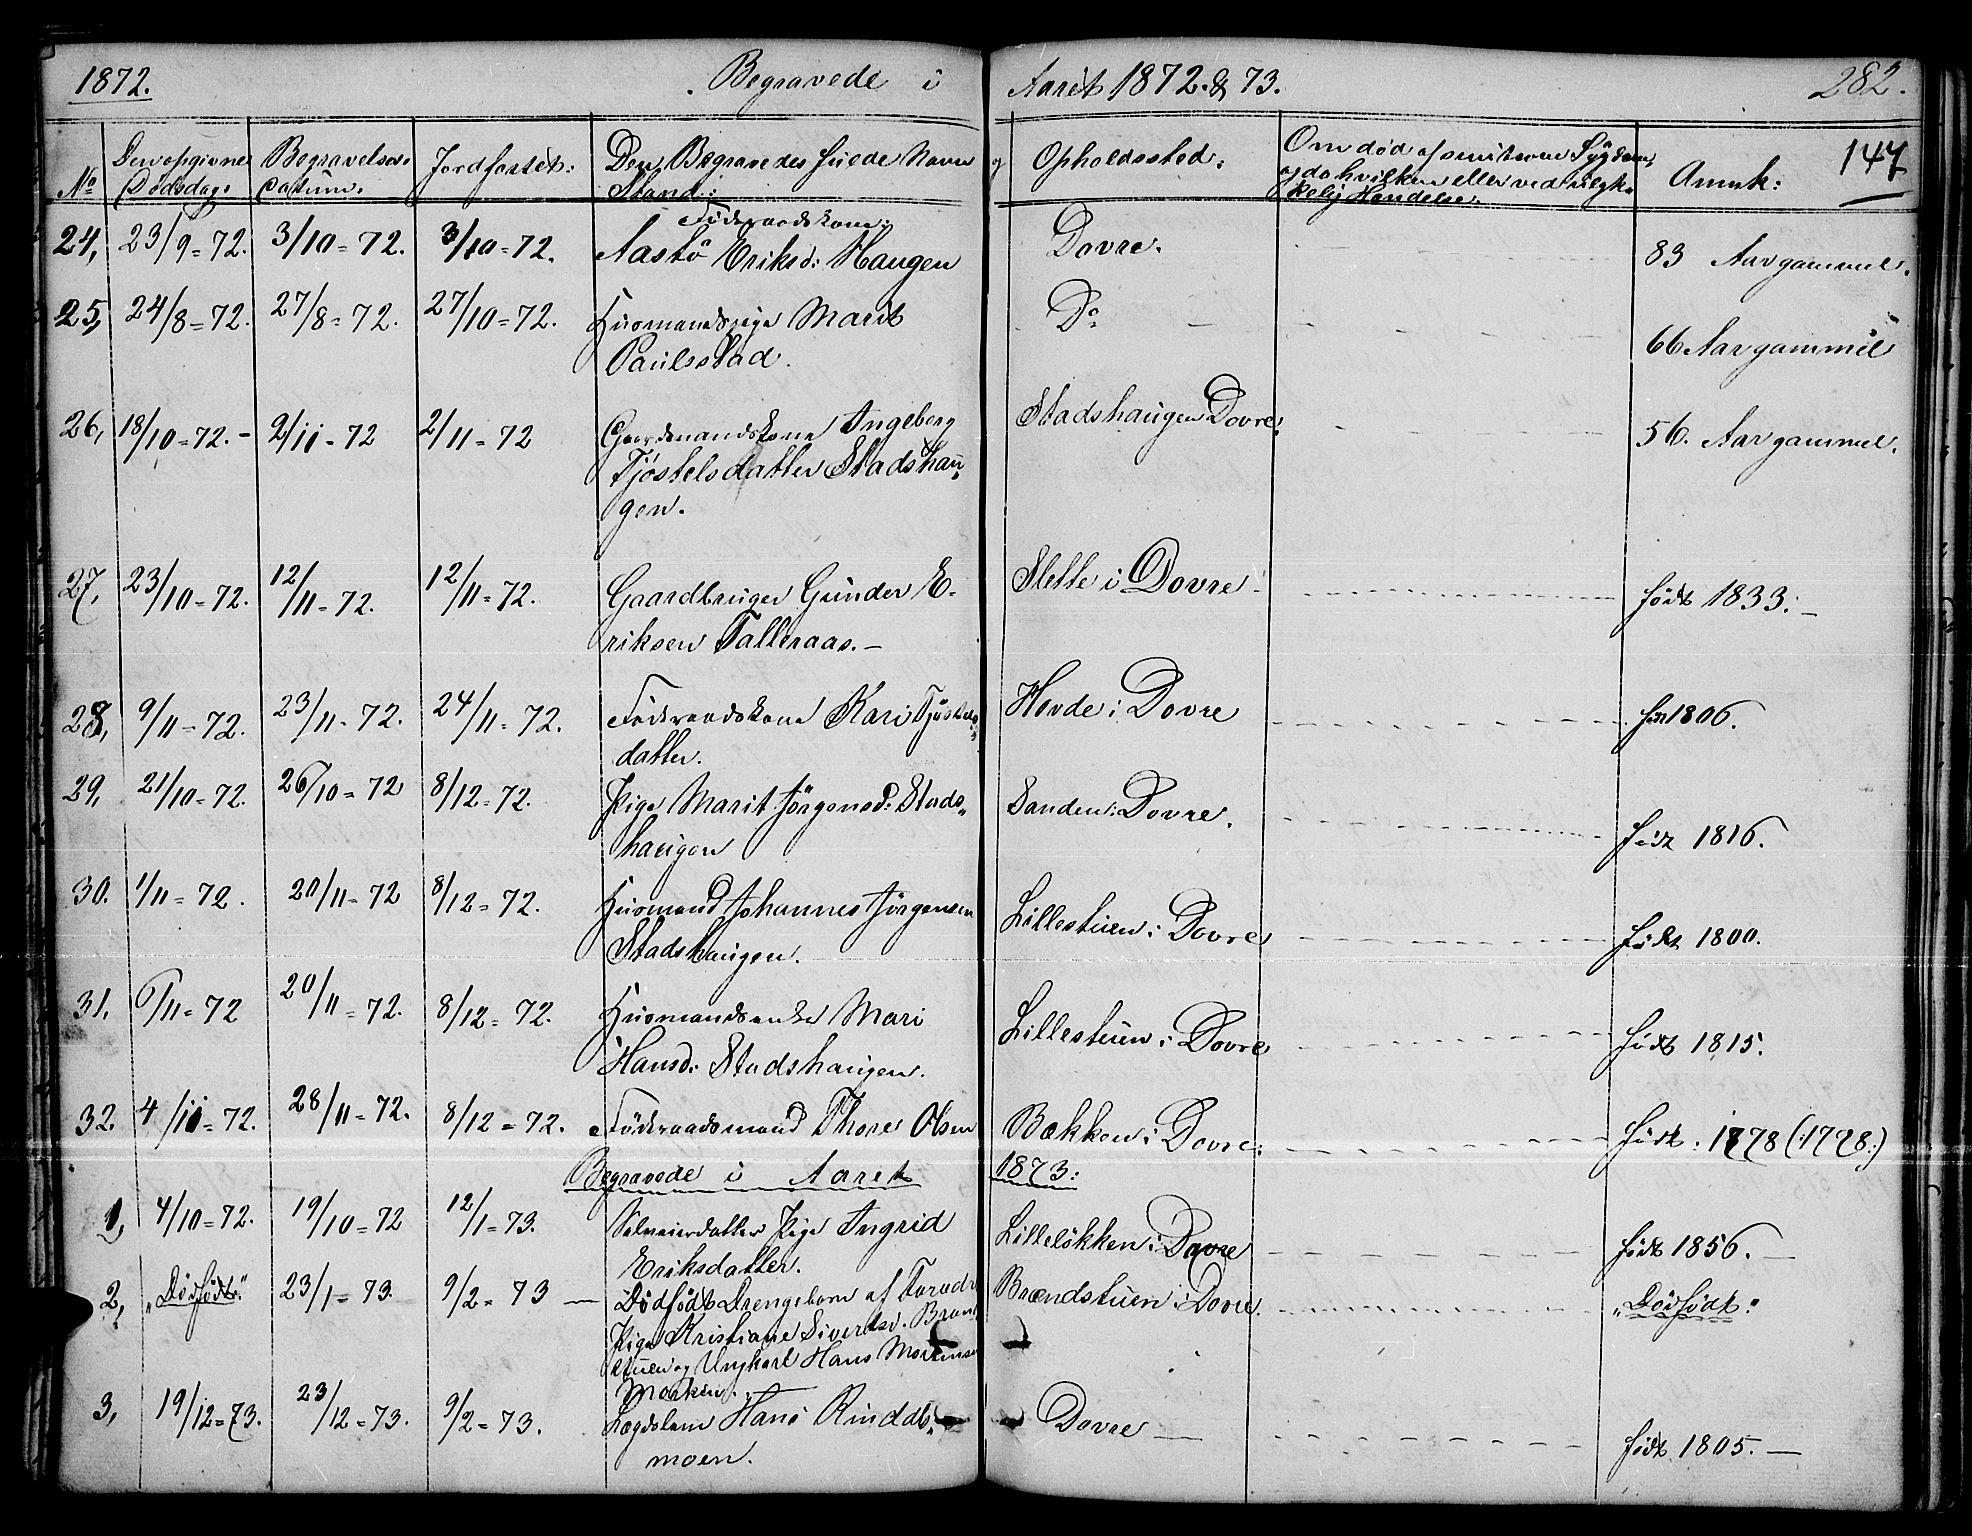 SAH, Dovre prestekontor, Klokkerbok nr. 1, 1862-1880, s. 282